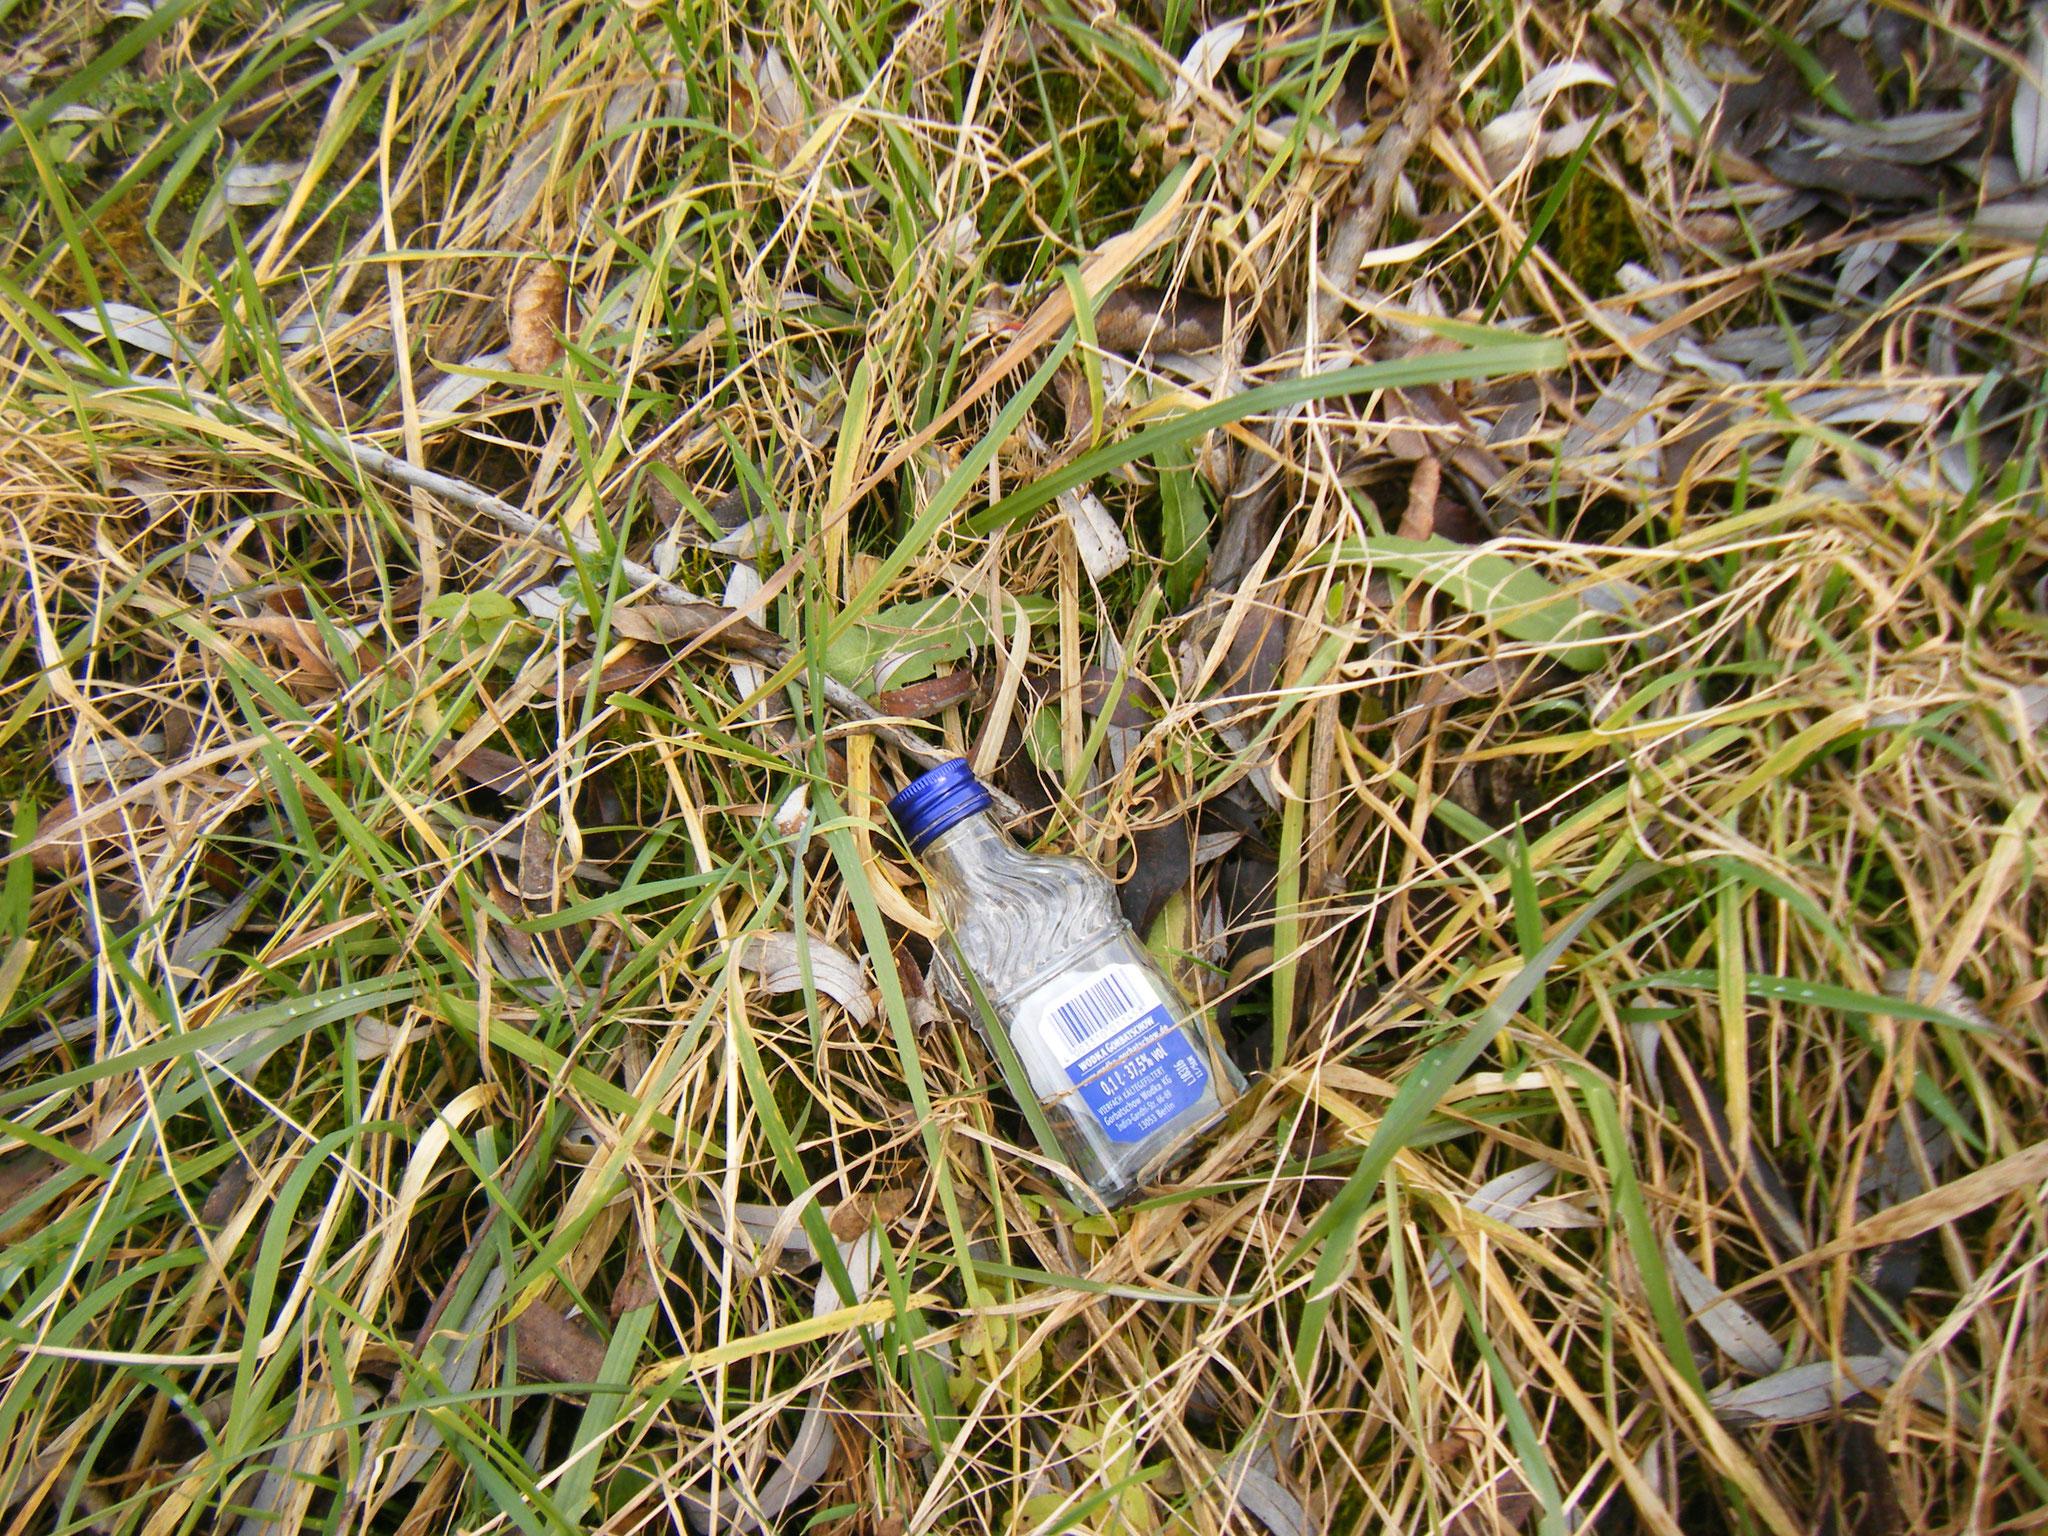 ein sehr häufiges Fundstück: Chantré- oder Wodka-Flachmann